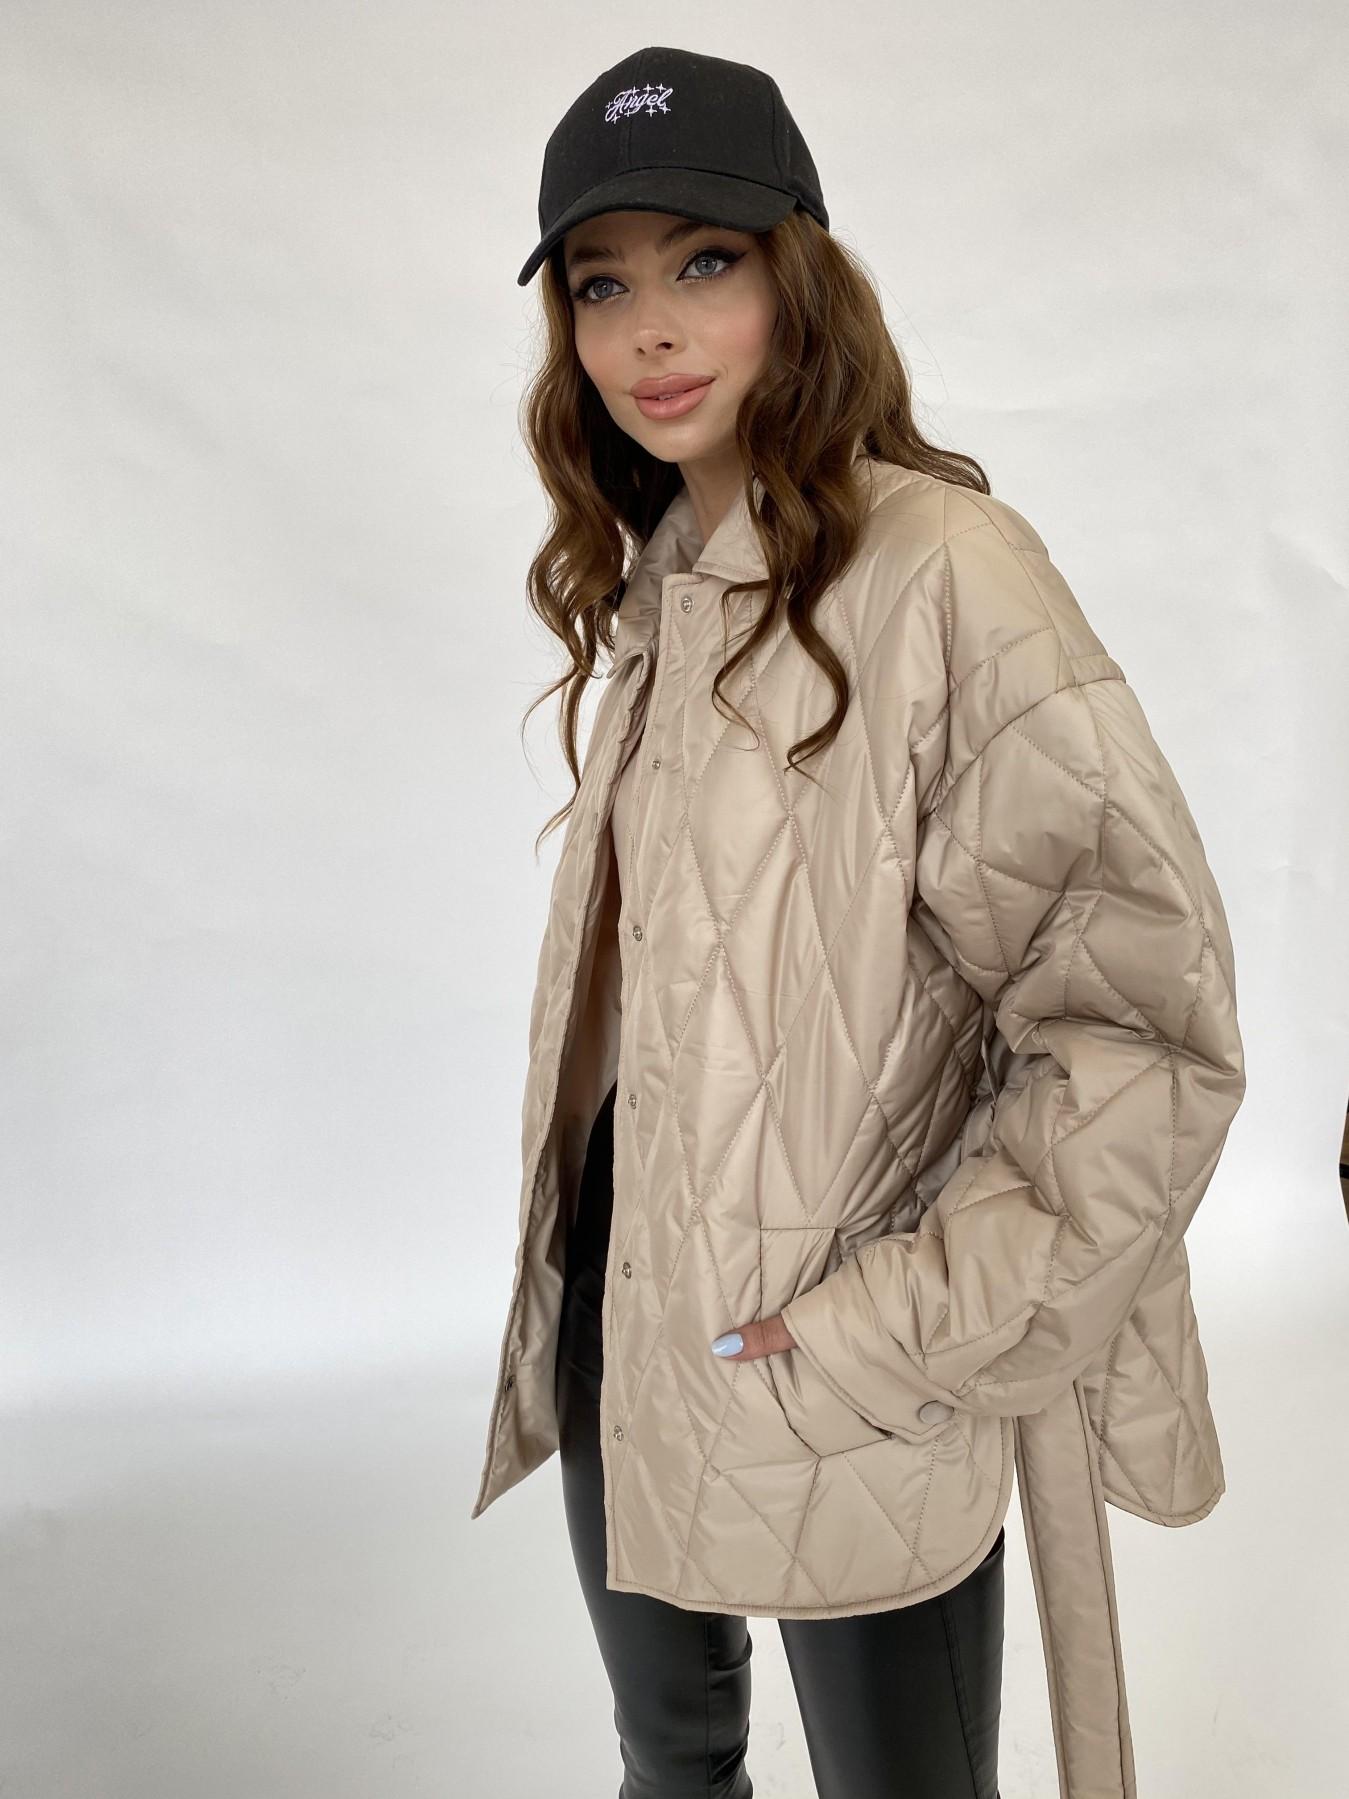 Моно  куртка из плащевой ткани Gloria 11081 АРТ. 47571 Цвет: Бежевый - фото 3, интернет магазин tm-modus.ru